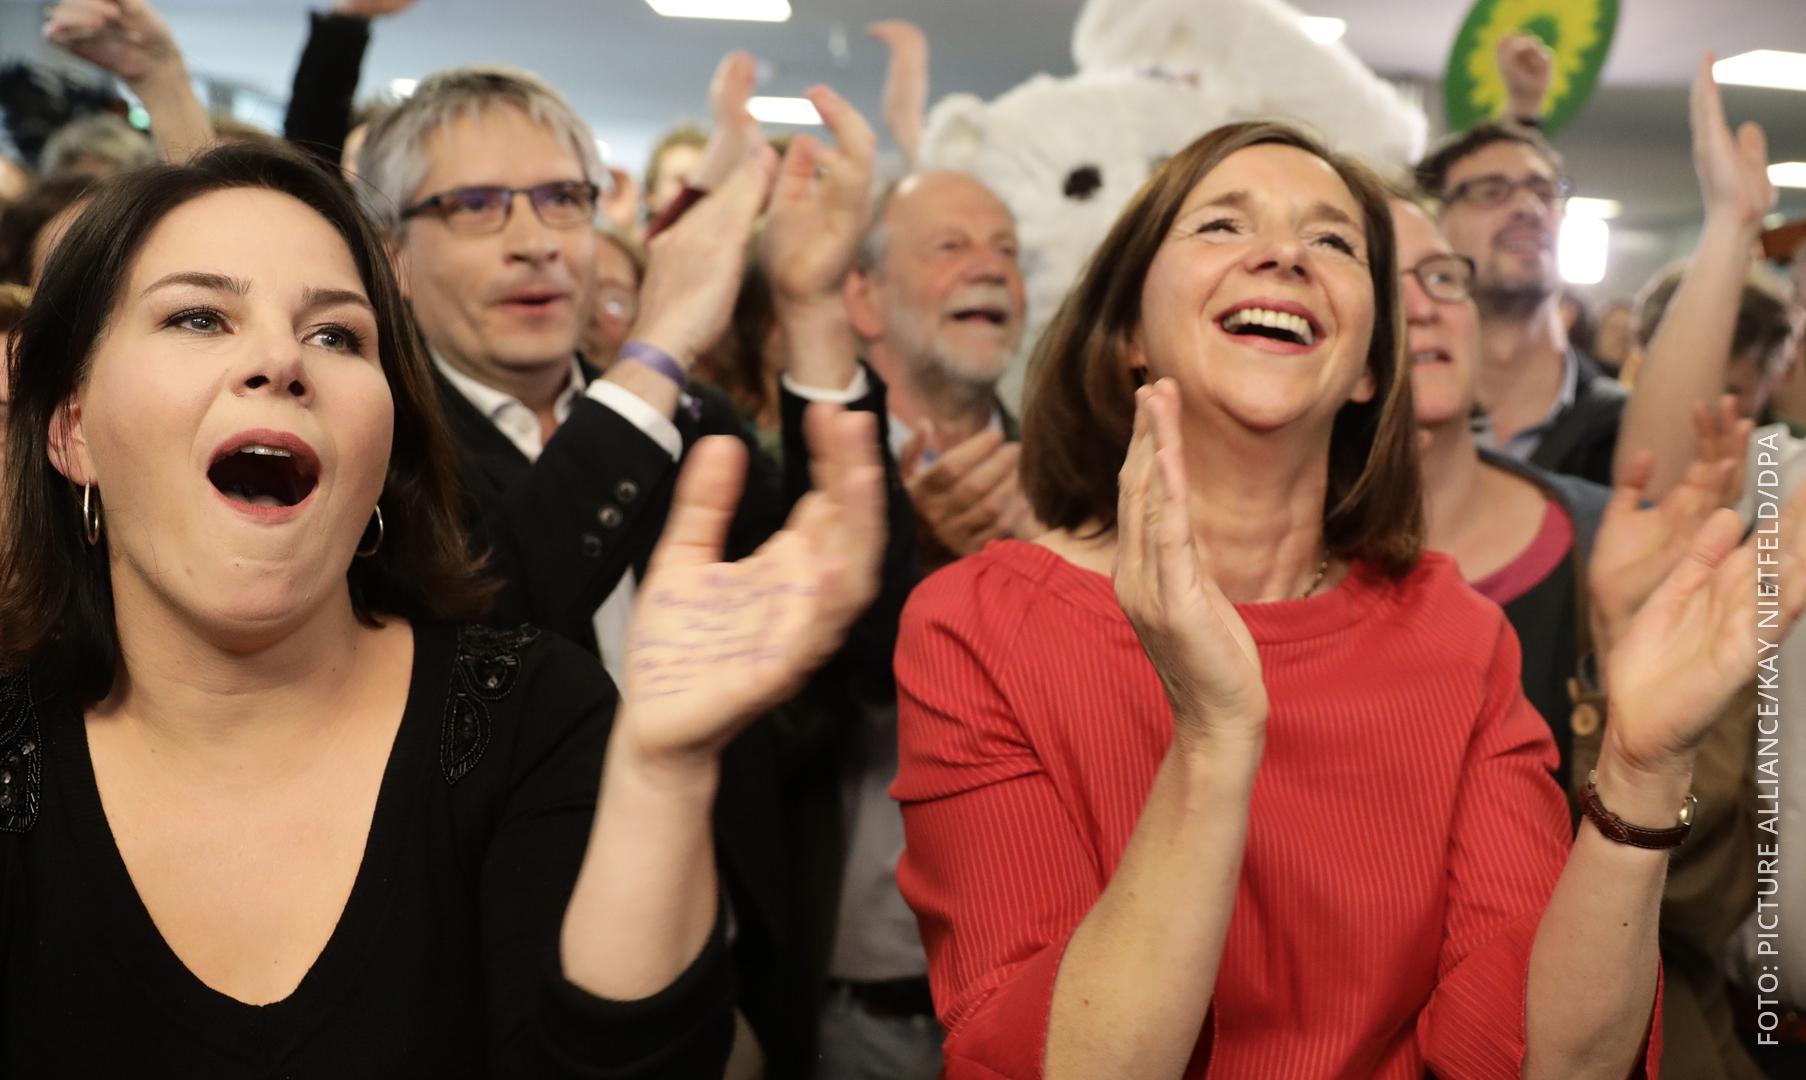 Annalena Baerbock (L), Grünen-Vorsitzende, und Katrin Göring-Eckard, Grünen-Fraktionschefin, jubeln.